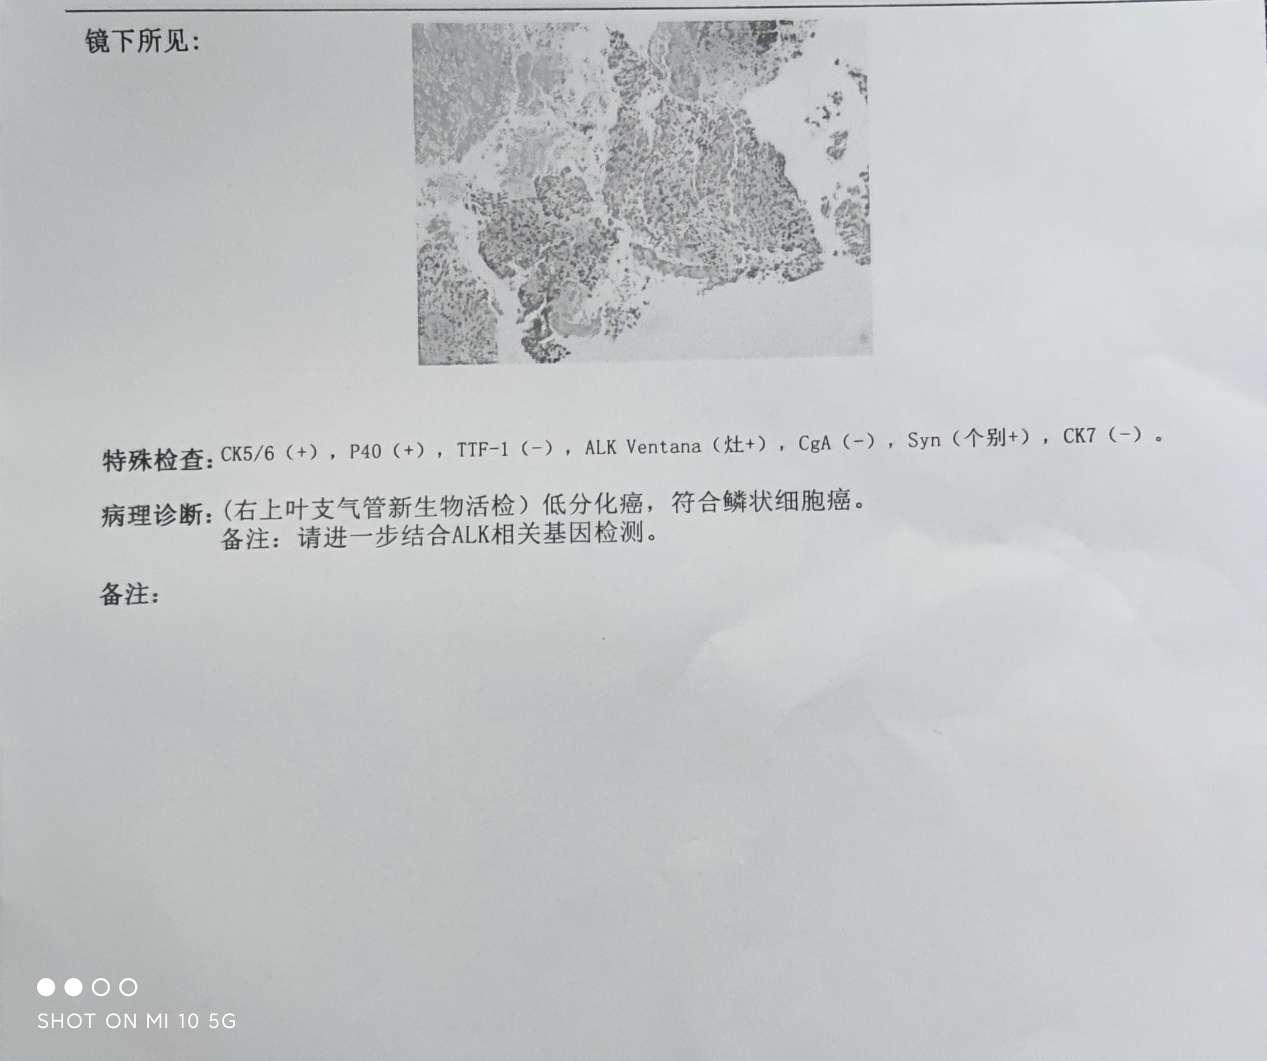 我父亲是肺鳞癌3B,免疫组化显示ALK VENTANA(灶 ),-图1